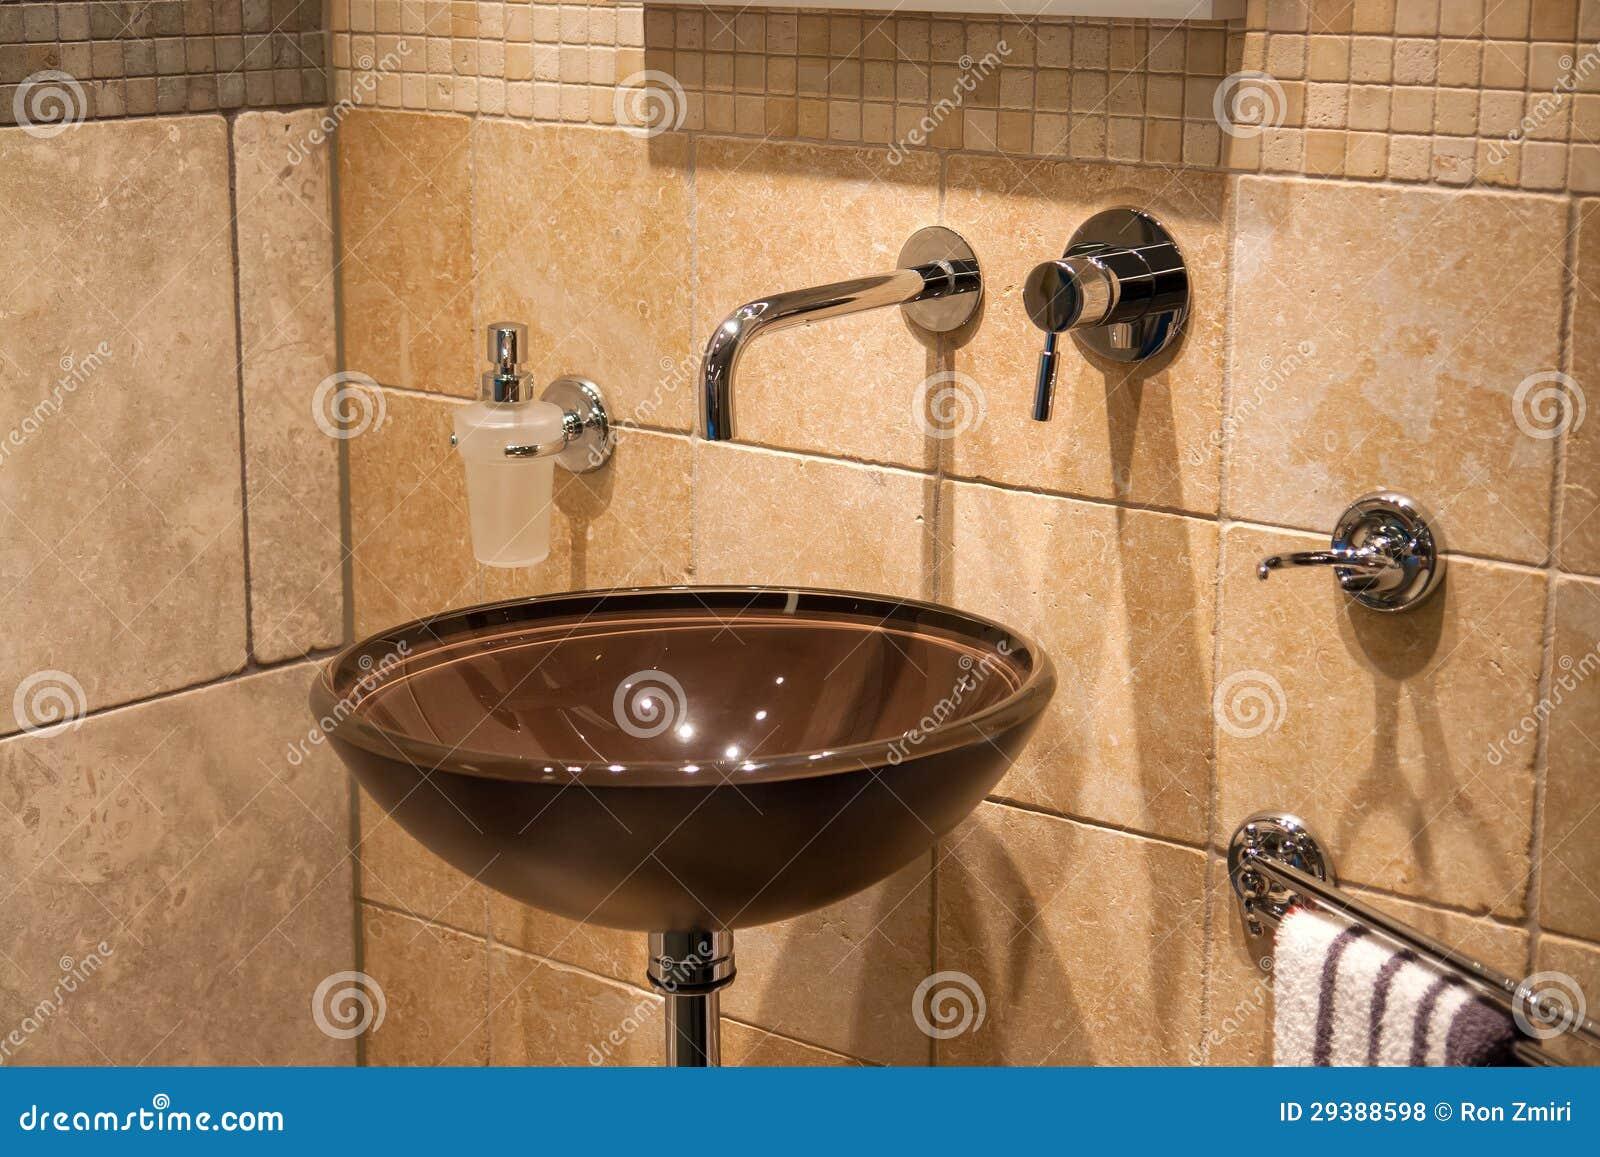 Mooie moderne klassieke badkamers in het nieuwe huis van de luxe royalty vrije stock foto 39 s - Mooie moderne badkamer ...